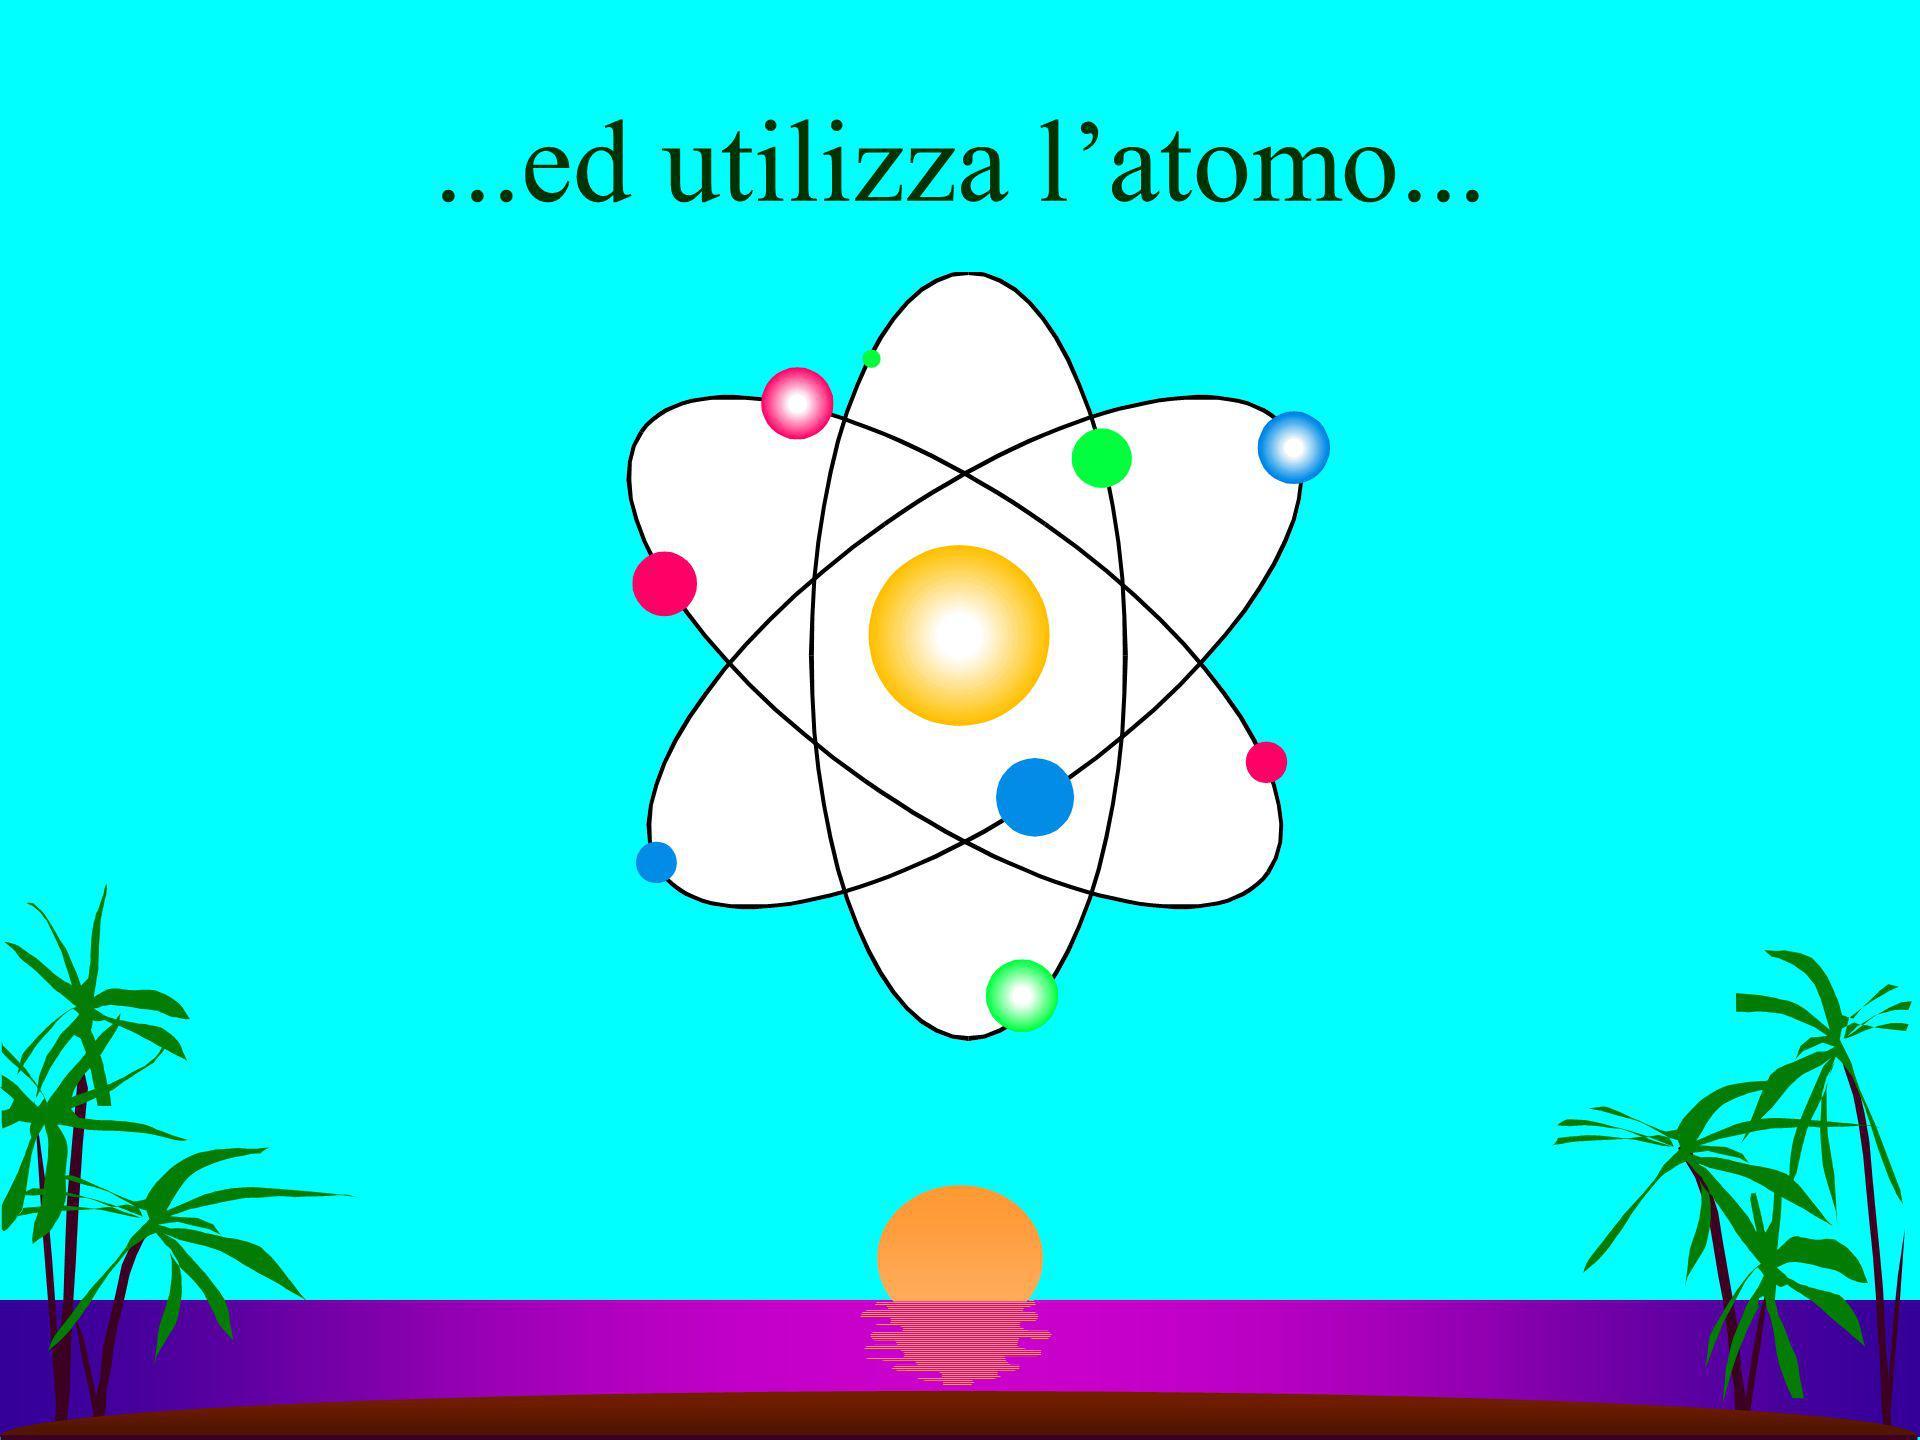 ...ed utilizza l'atomo...